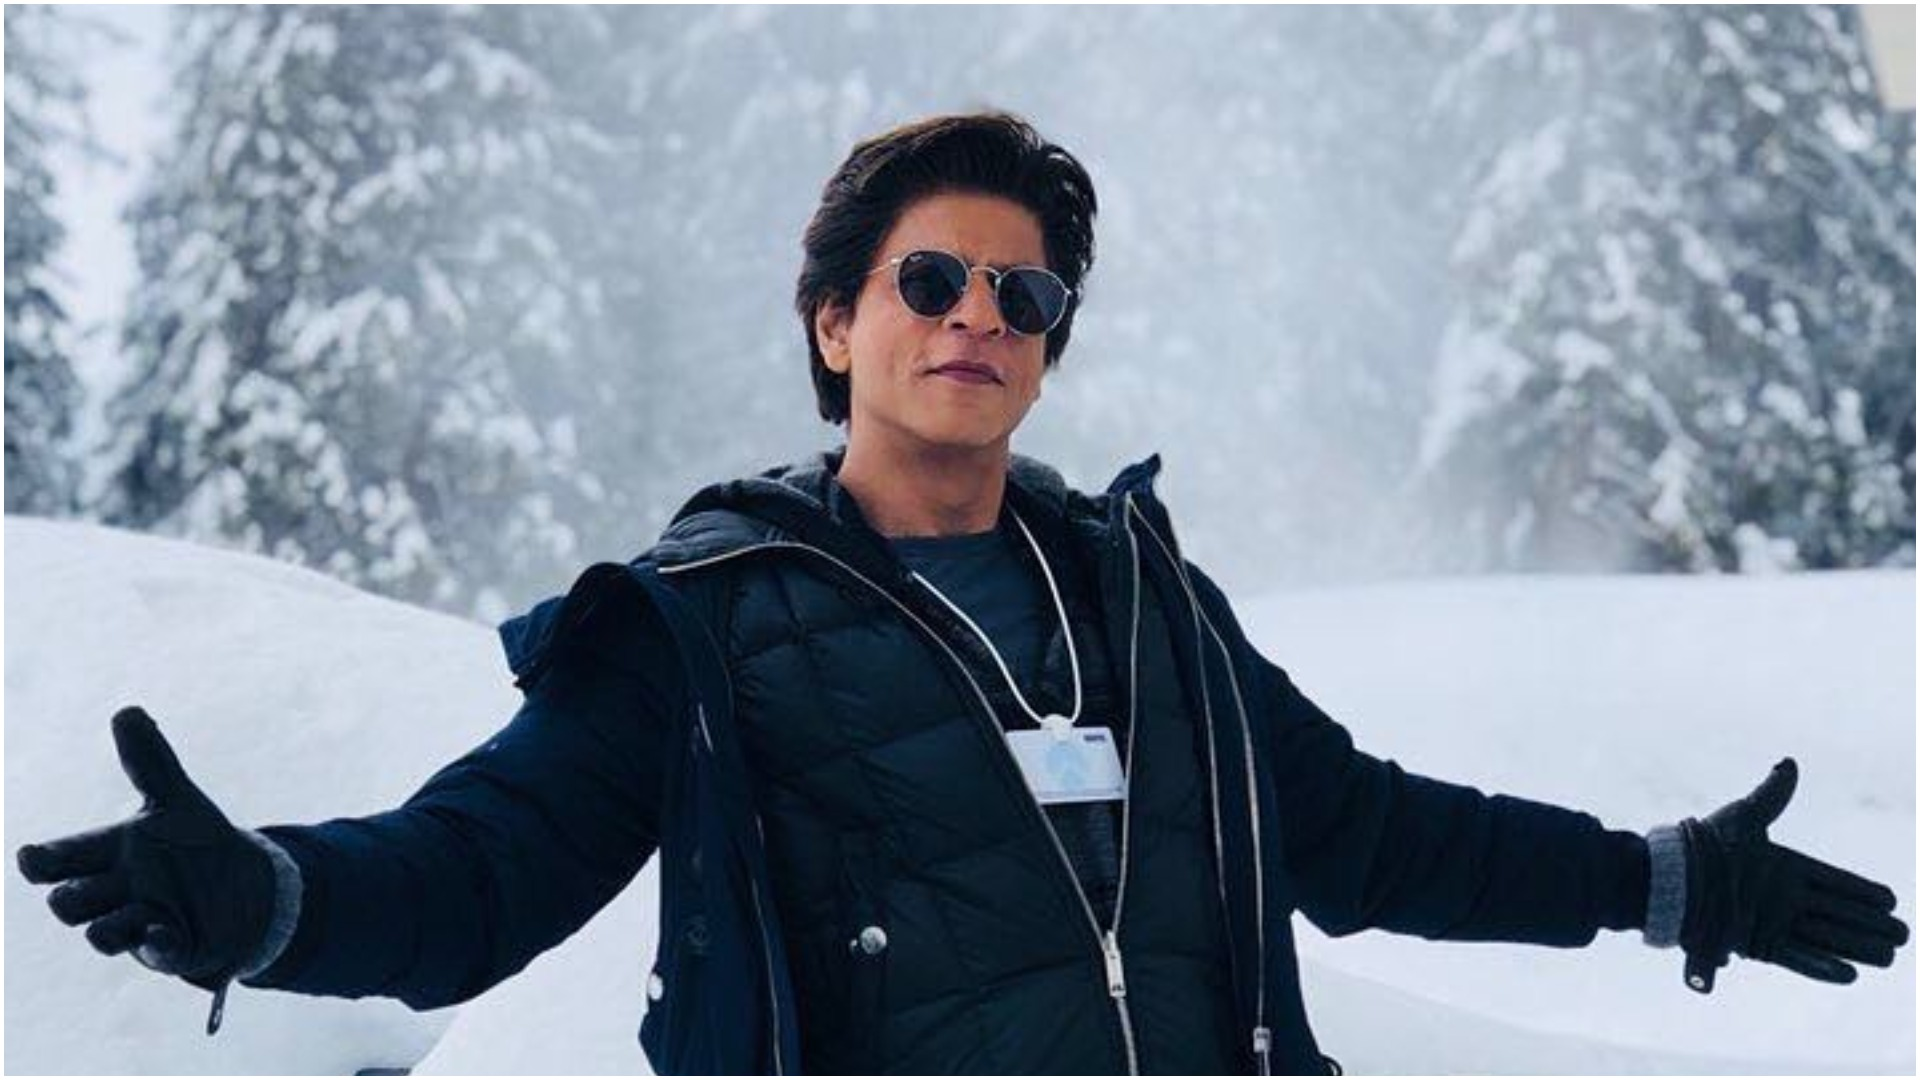 एक्सक्लूसिव: शाहरुख खान एक साथ पढ़ रहे हैं 10 फिल्मों की स्क्रिप्ट, इन डायरेक्टरों ने किया है अप्रोच